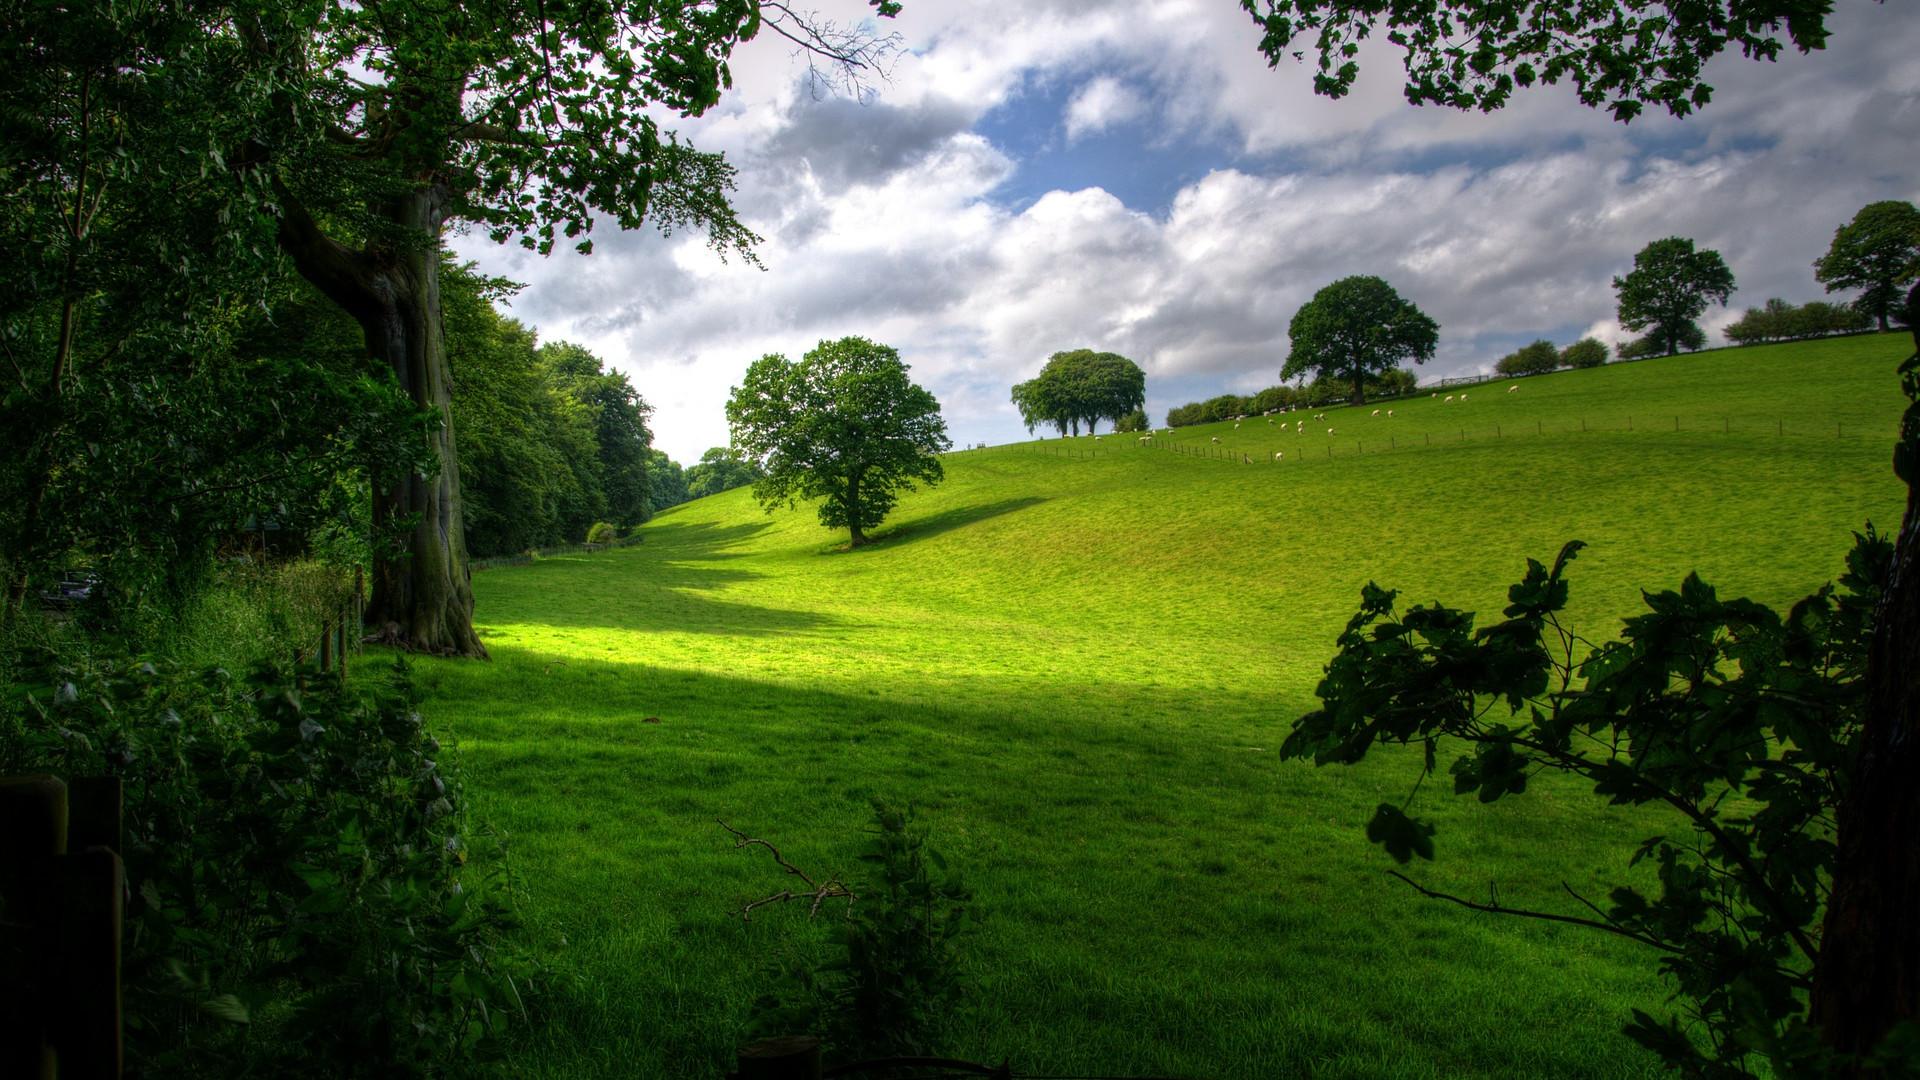 <h2>Ferien im Wenzelhof</h2><p>Ferien in ihre ursprünglichsten Form - Weite Wiesen und Wälder. Geniesen Sie die Natur bei einem Spaziergang durch die ursprüngliche Natur</p><a title='Mehr lesen' href='http://www.wenzelhof.de/verpflegung-unserer-feriengaeste/'>Mehr erfahren</a>